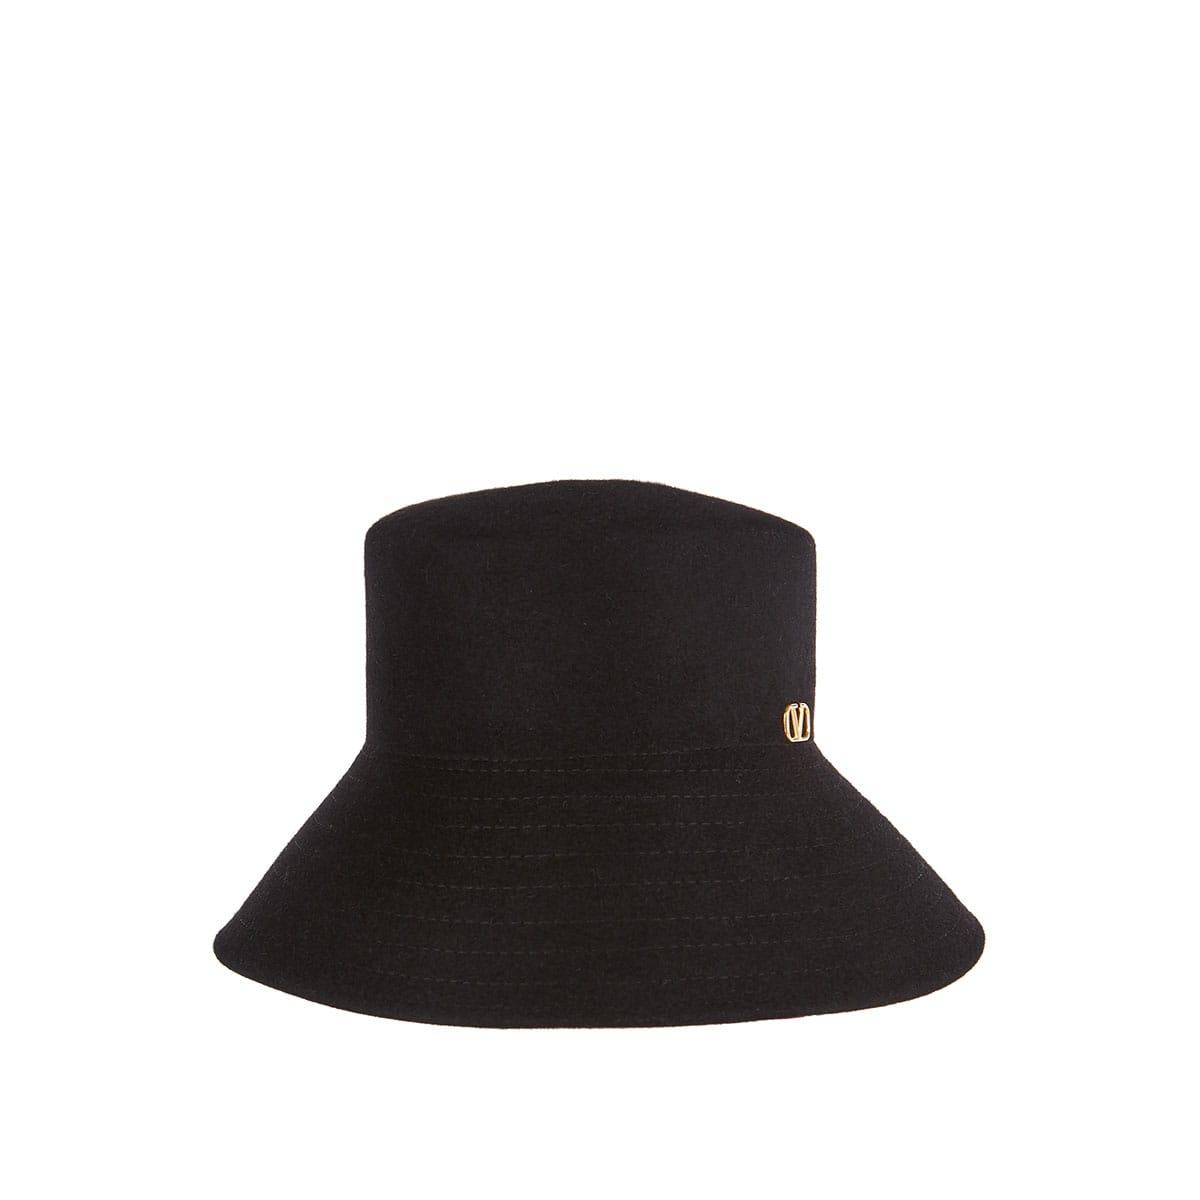 Vlogo felt bucket hat